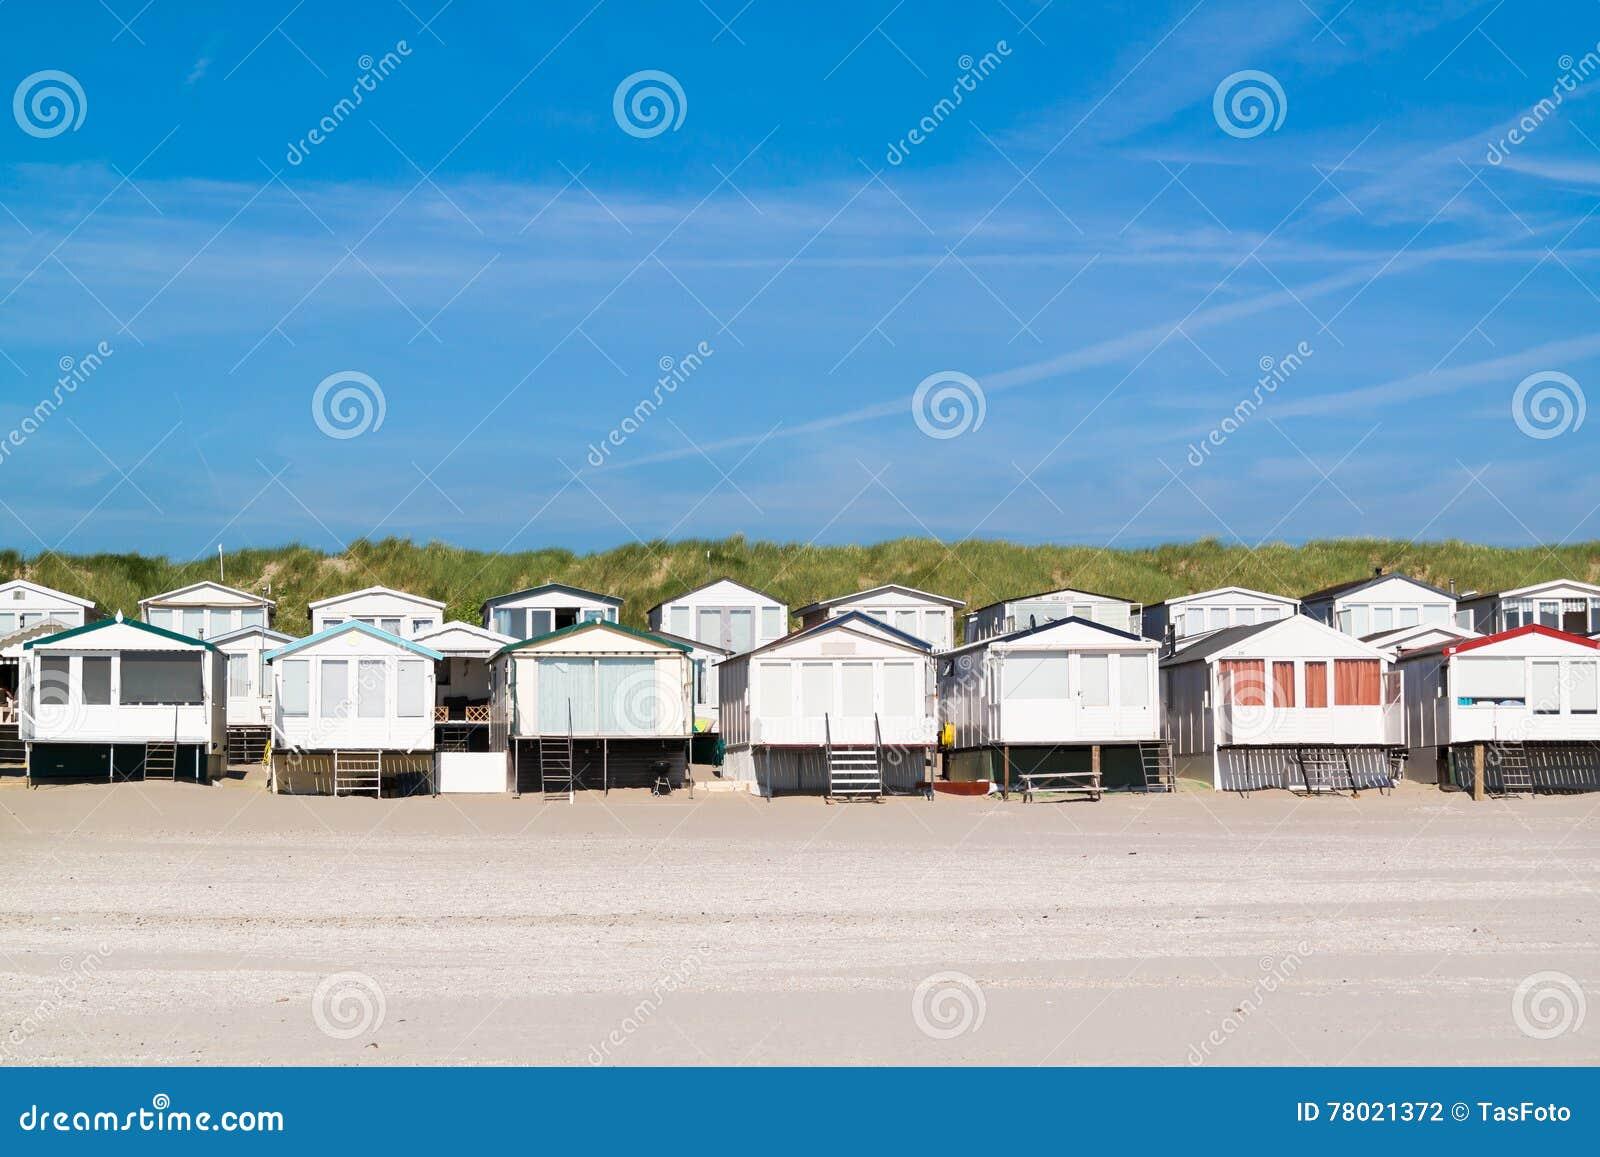 Reihe von strandhäusern die niederlande redaktionelles stockfotografie